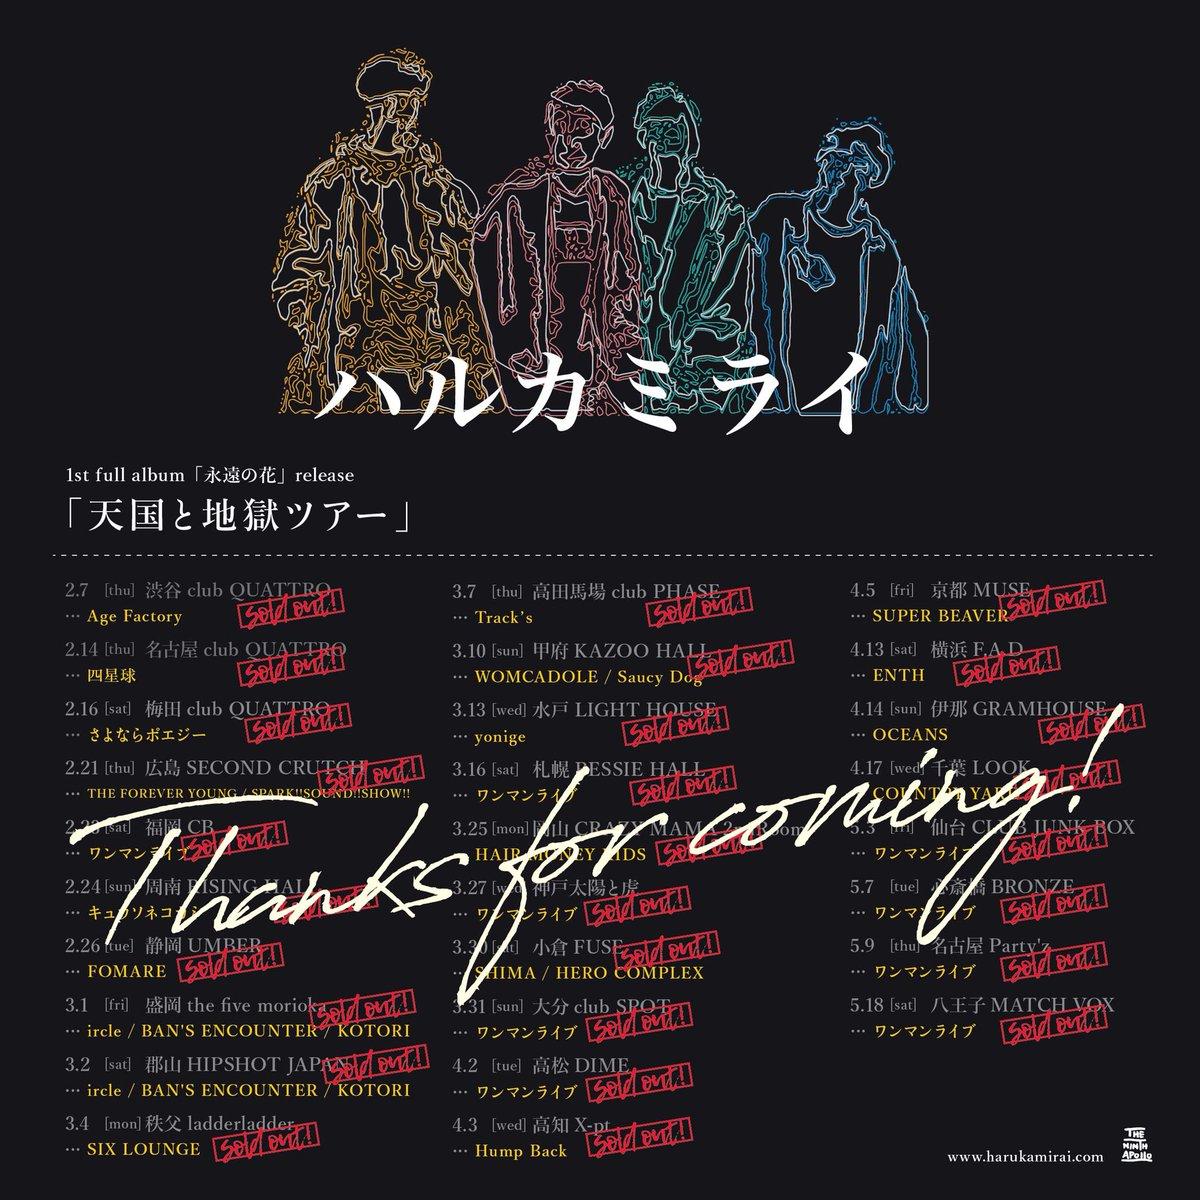 ハルカミライ「天国と地獄ツアー」これにて全公演終了!各地のみなさんありがとうございました!またライブハウスで元気に会いましょう!